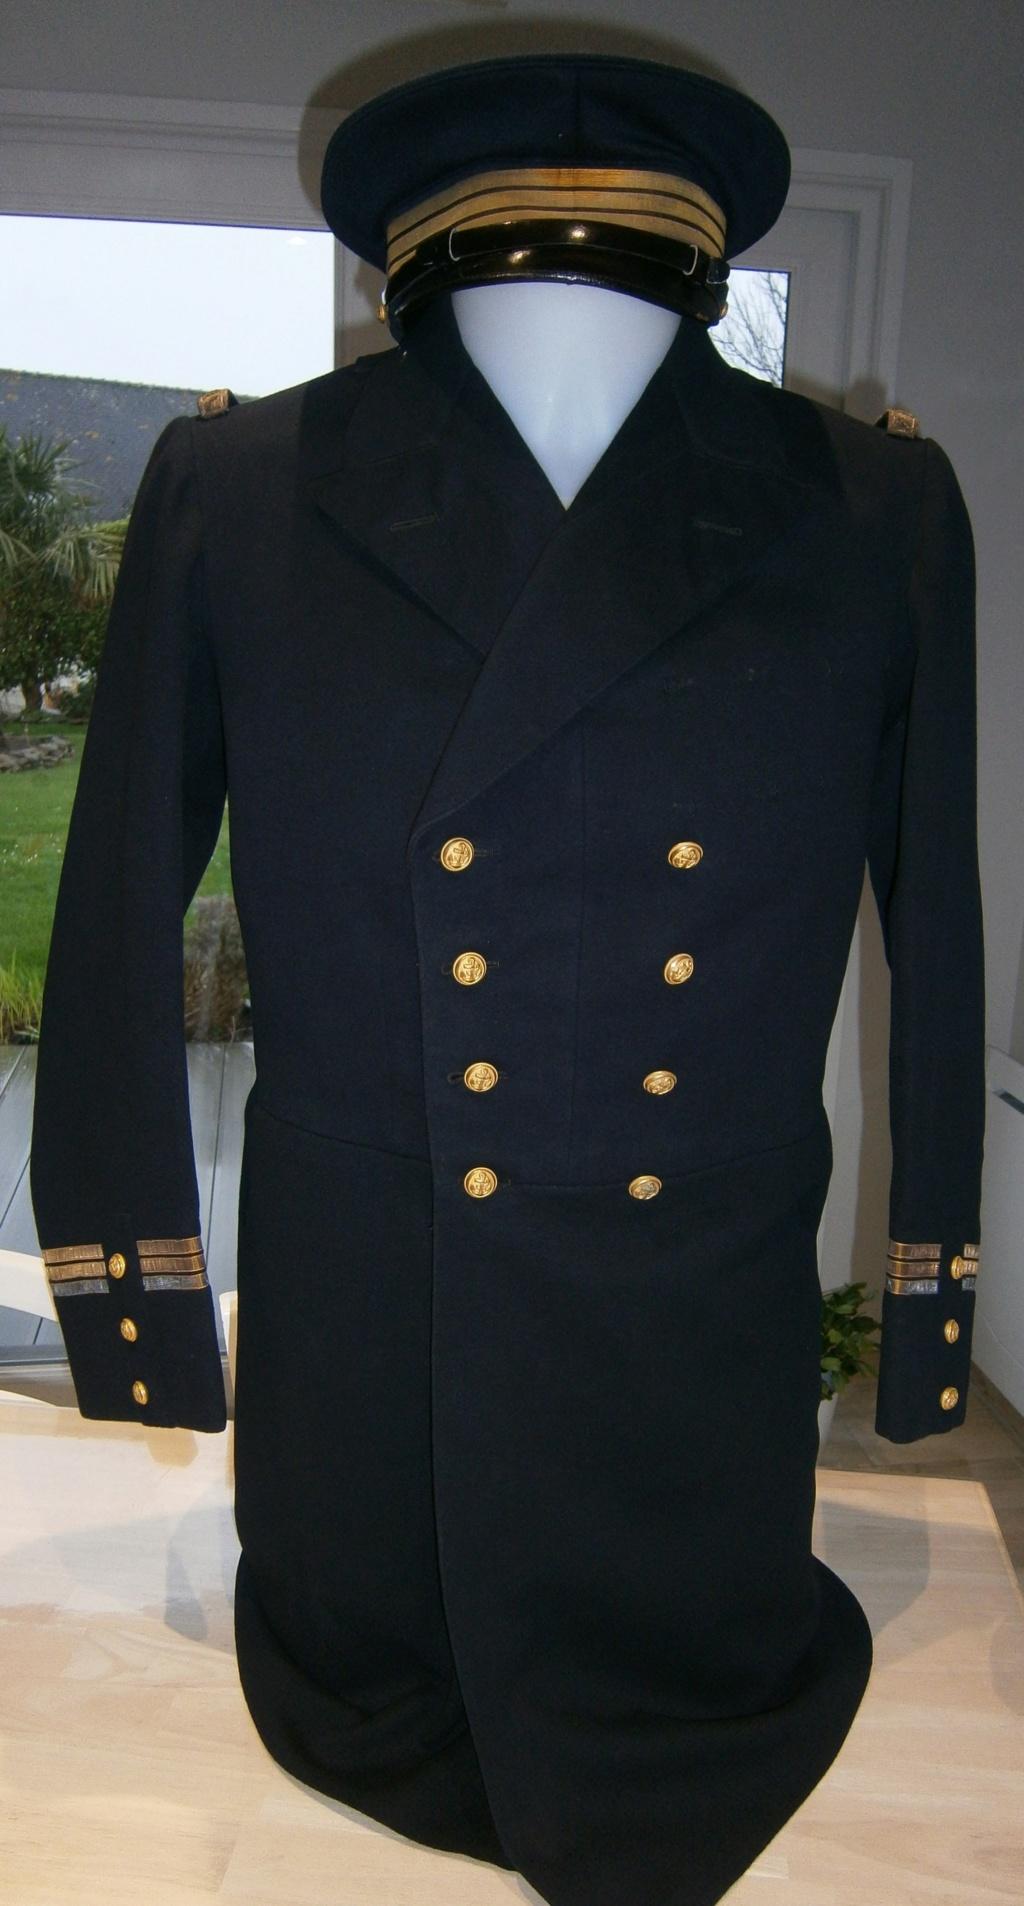 demande de renseignements concernant une rentrée d'uniforme de la marine Pc120010